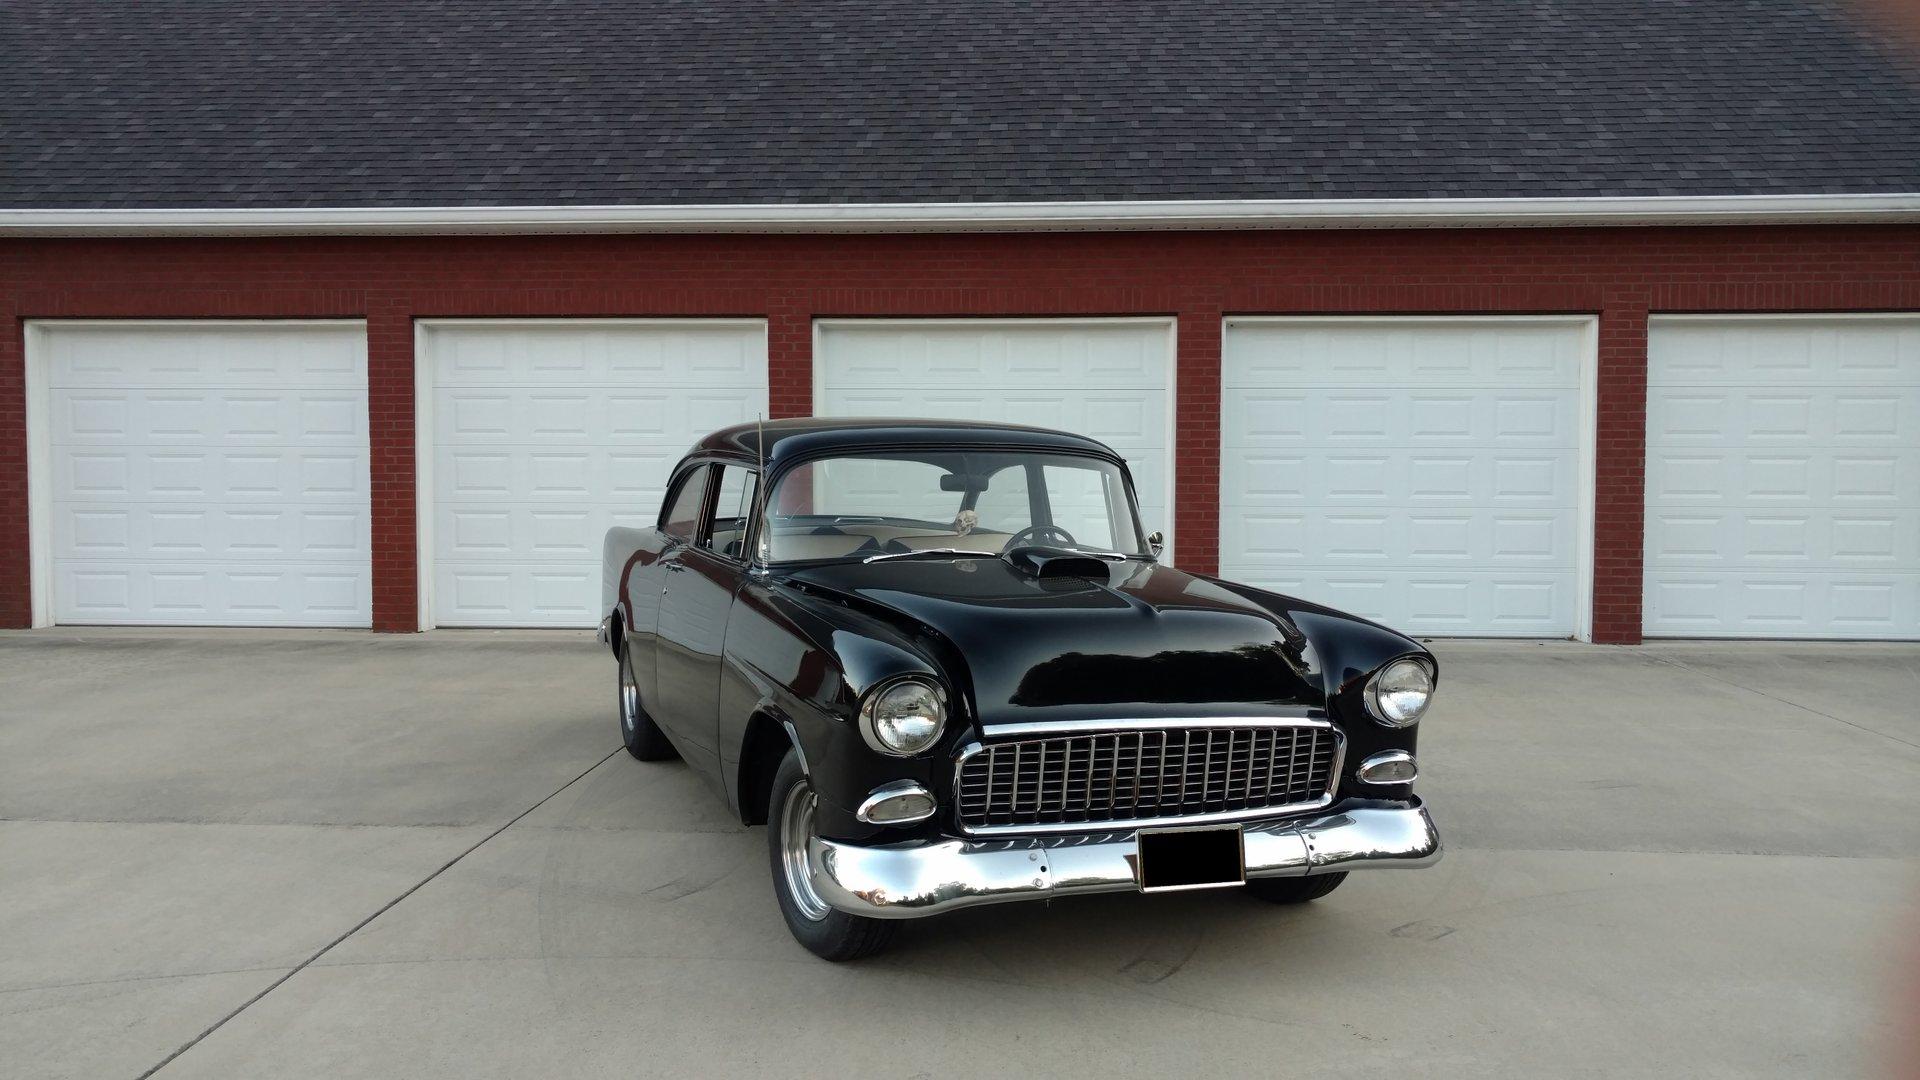 1955 chevrolet coupe american graffiti movie tribute